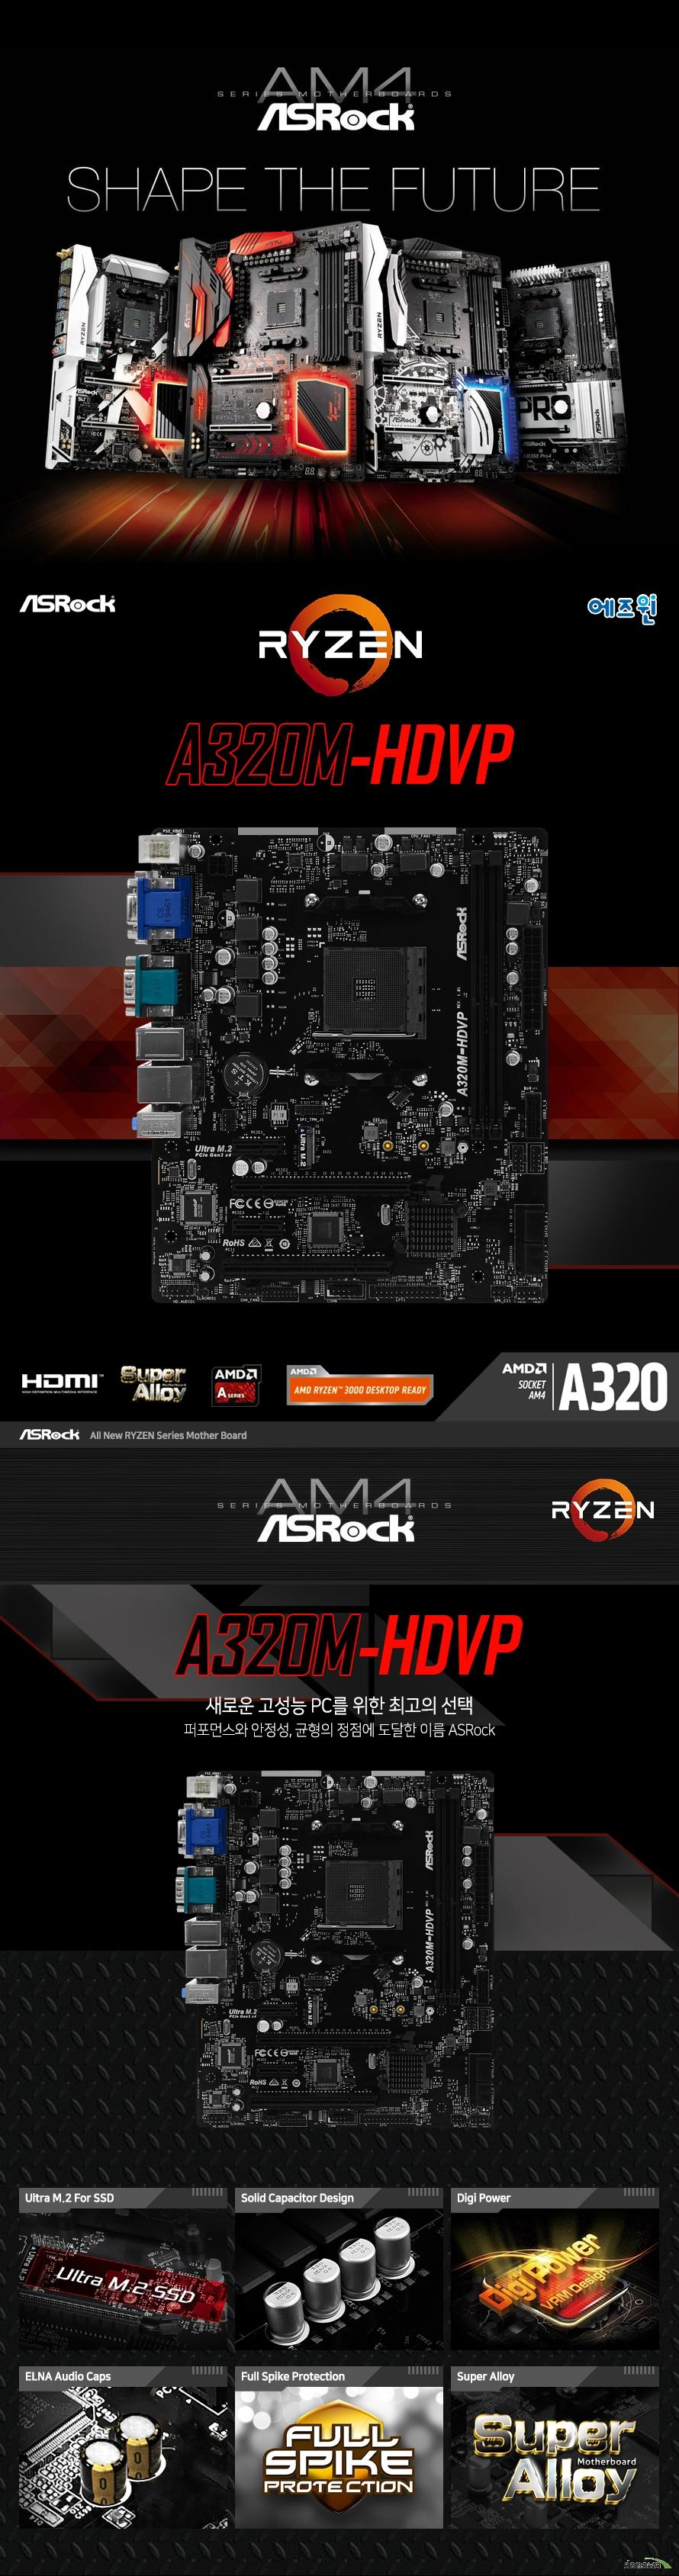 ASRock ASRock A320M-HDVP 에즈윈 (벌크)  제품 상세 스펙  AMD strx4 소켓 라이젠 쓰레드리퍼 3000 시리즈 프로세서 지원 인터실 디지털 PWM  6파워 페이즈 ddr4 메모리 최대 32기가바이트 지원 32비트 운영체제환경에서는 실제 메모리 사이즈가 4기가바이트 이하로 인식될 수 있습니다.  확장 슬롯 Pcie 3.0 16배속 1개, PCIE 2.0 1배속 슬롯 1개, PCI 슬롯 1개 지원 M.2 소켓 1개 지원 윈도우 10 64비트 운영체제 지원 ATX 폼팩터 크기 길이 23센티미터 넓이 20.1센티미터 KC 인증번호 R R ASR A320MHDVP  제조사의 사정에 따라 사전고지 없이 일부 제품사양이 변경될 수 있으며 부품 호환 등 더 자세한 정보는 제조사 홈페이지 또는 제품 매뉴얼을 참고해주시기 바랍니다.